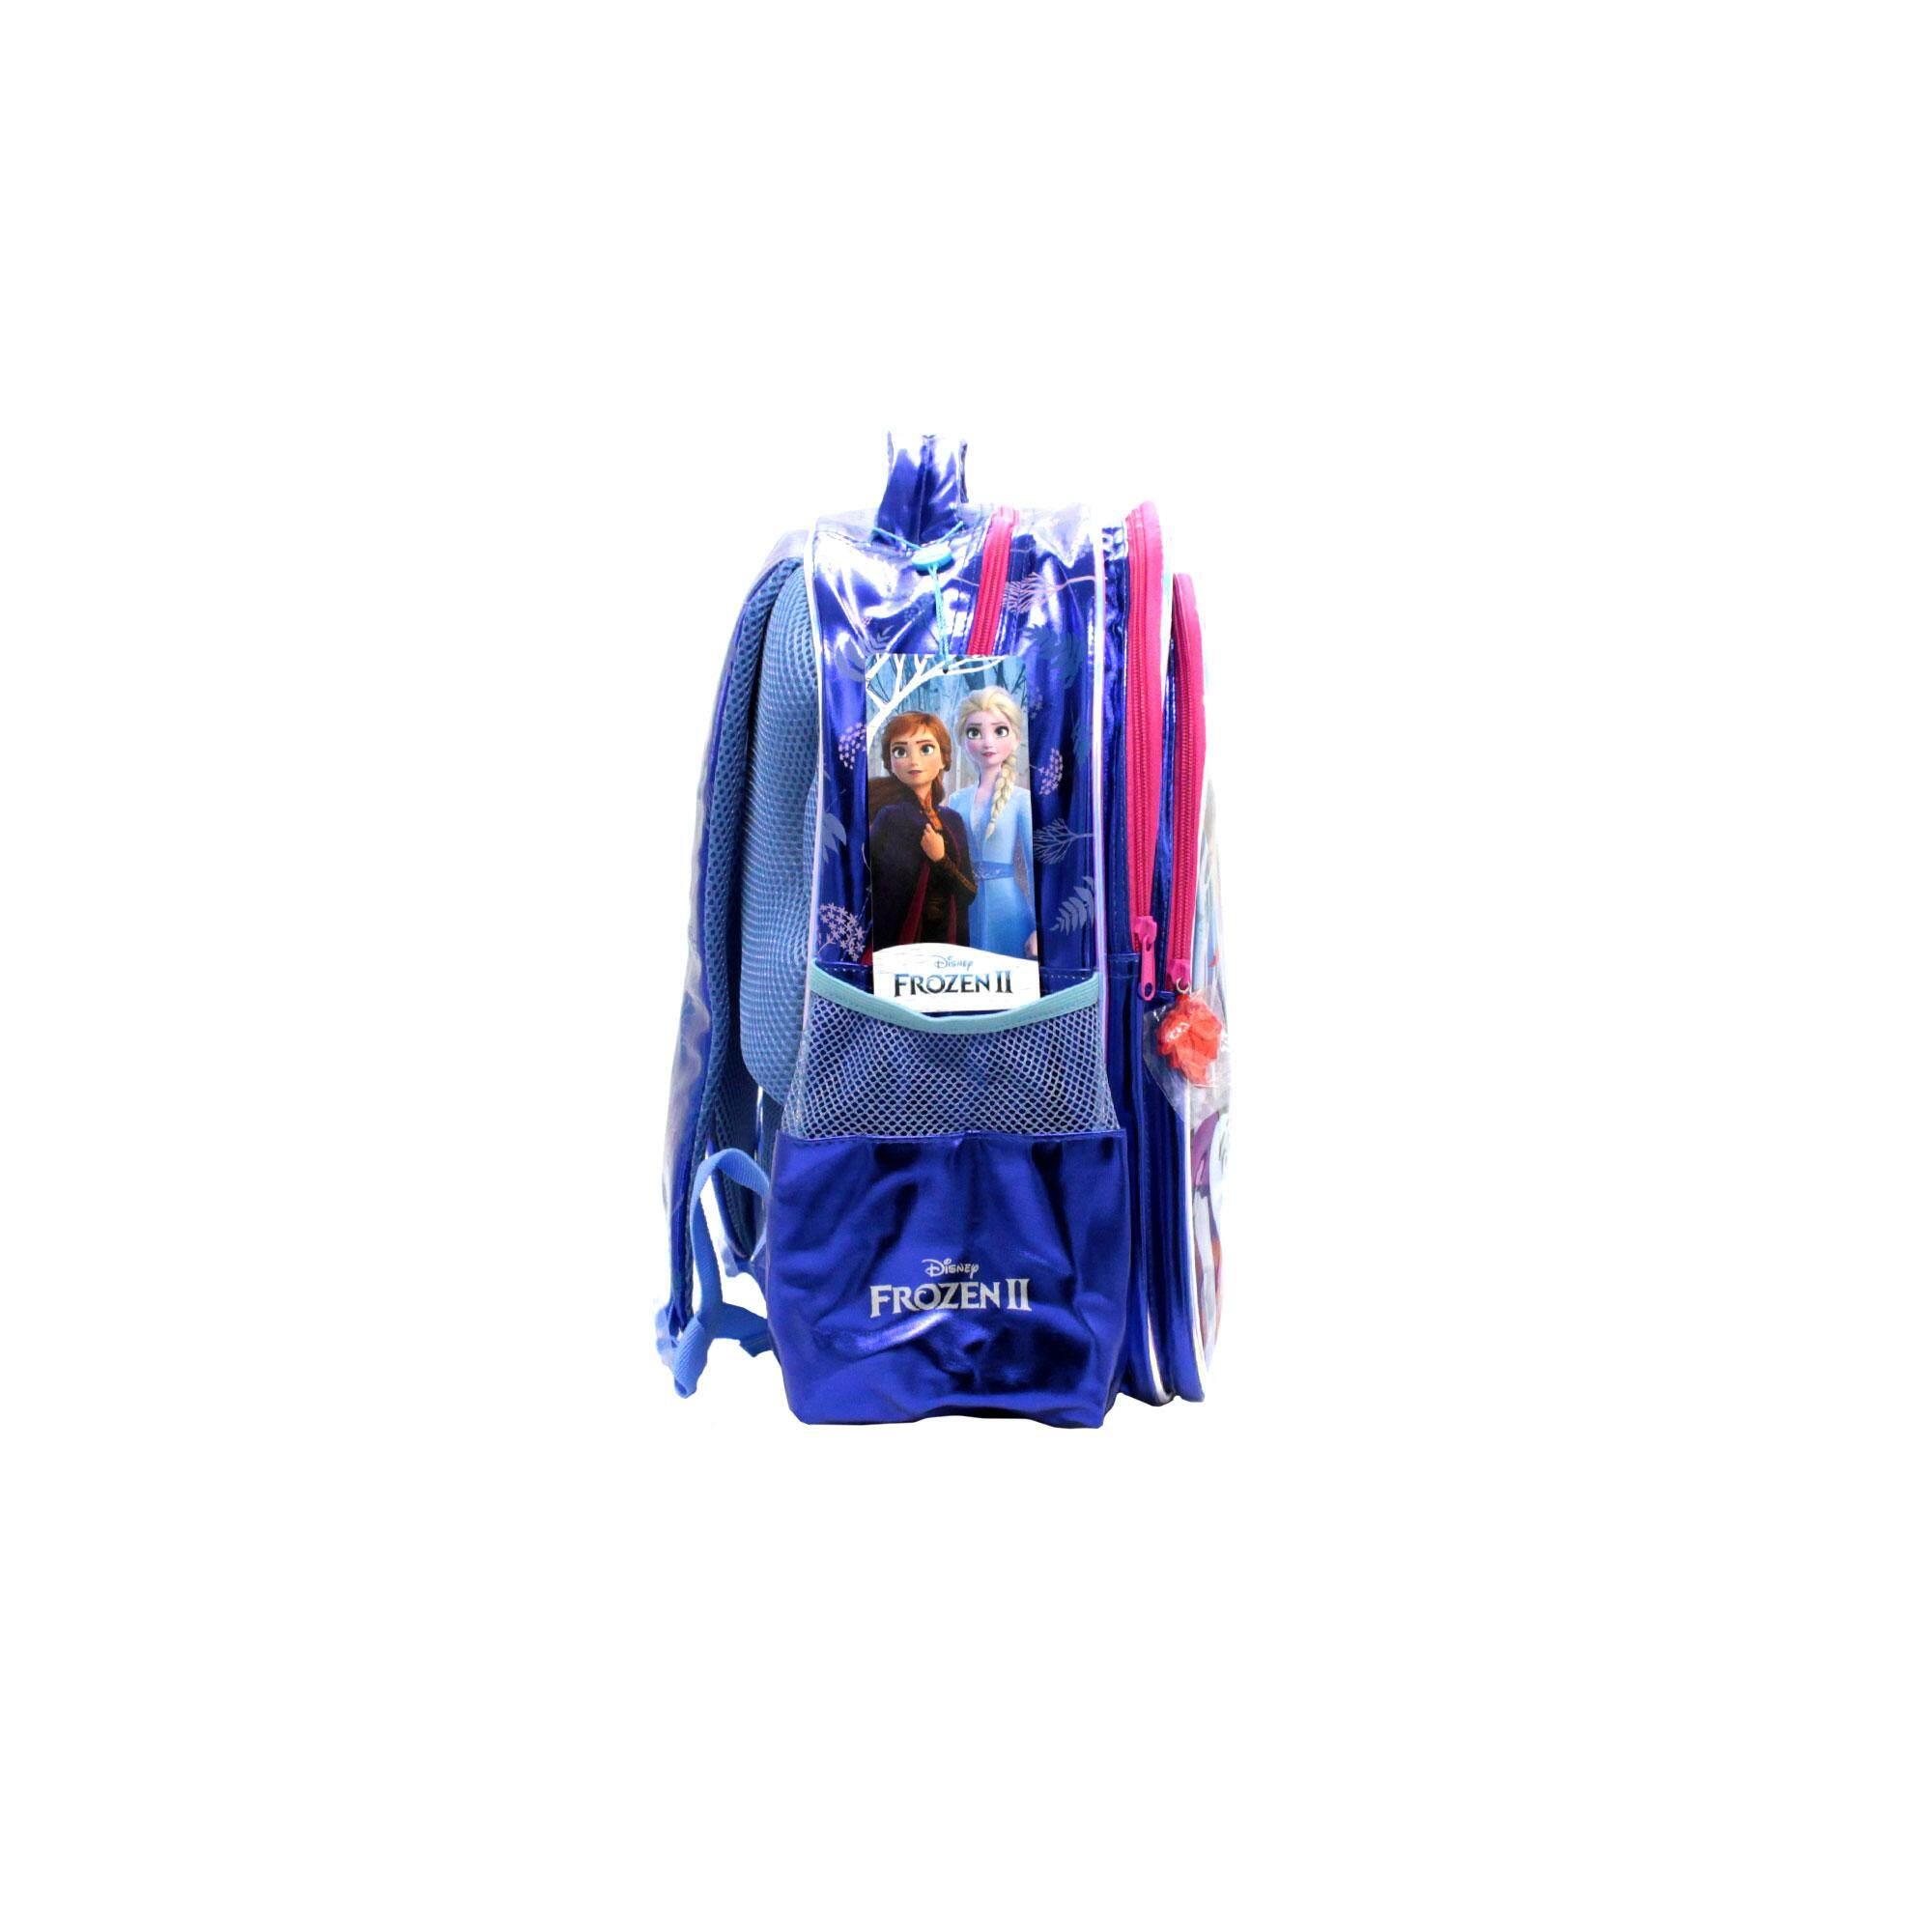 Disney Princess Frozen 2 : Kids Children School Bag